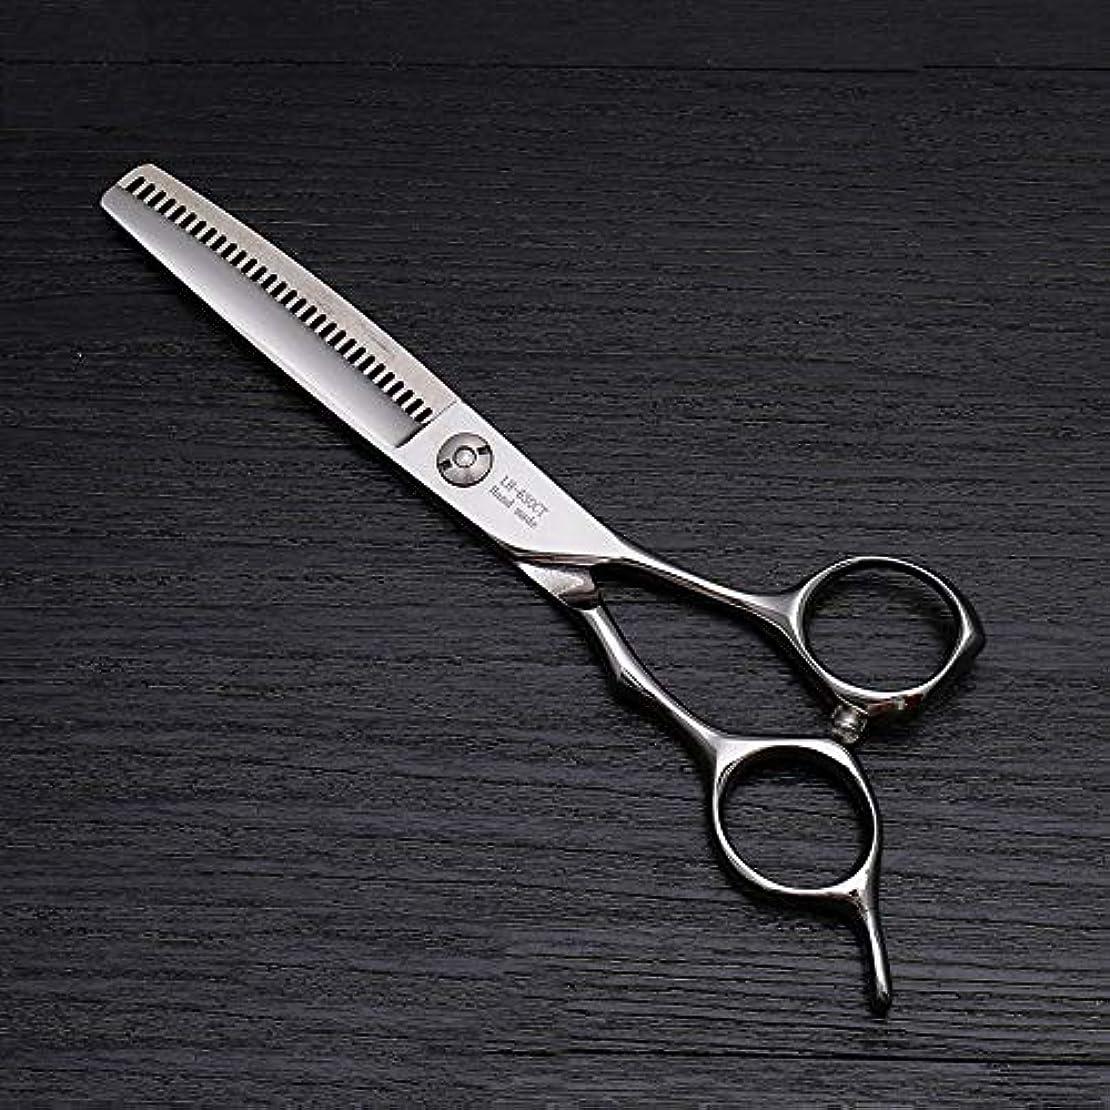 現像つま先逮捕6インチの高級ヘアカットはさみ、美容院の特別な髪はさみ モデリングツール (色 : Silver)